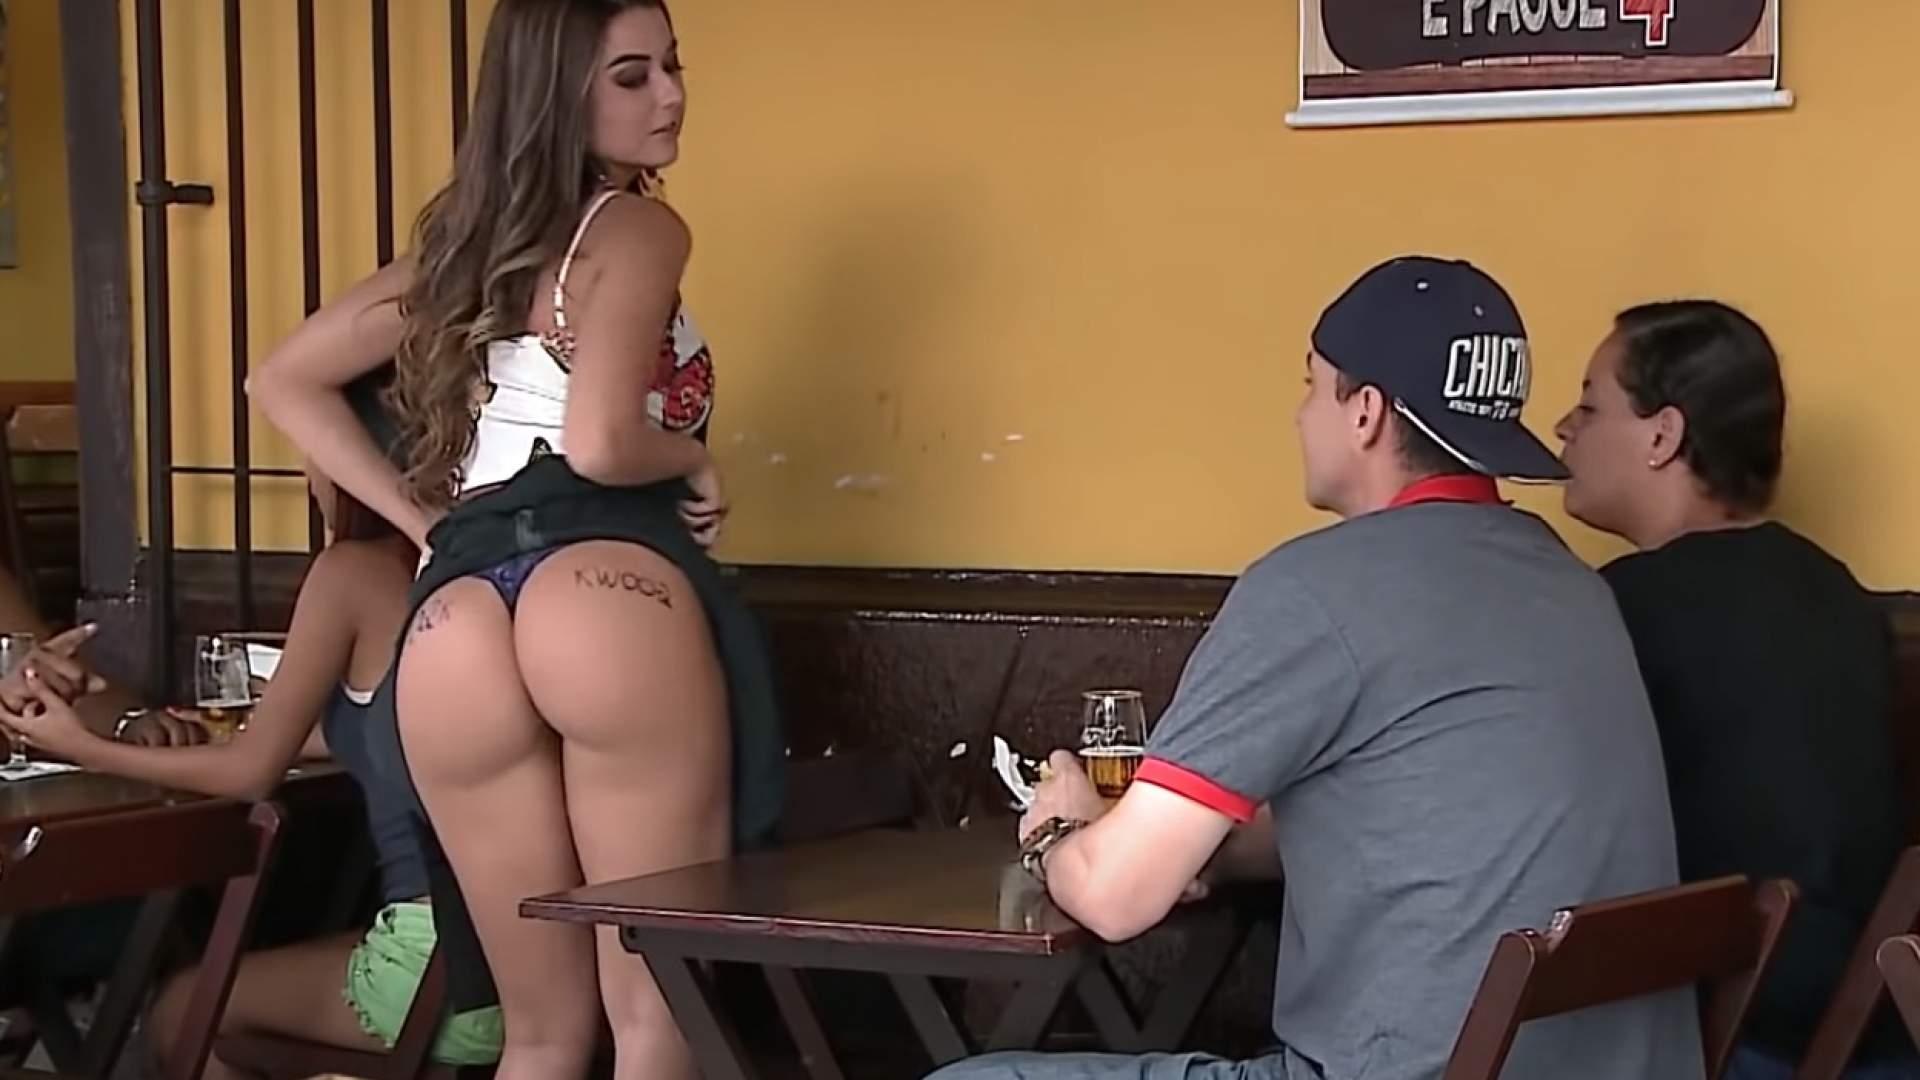 Streich: Kellnerin serviert Rechnung auf ihrem Hintern, Frauen rasten aus!